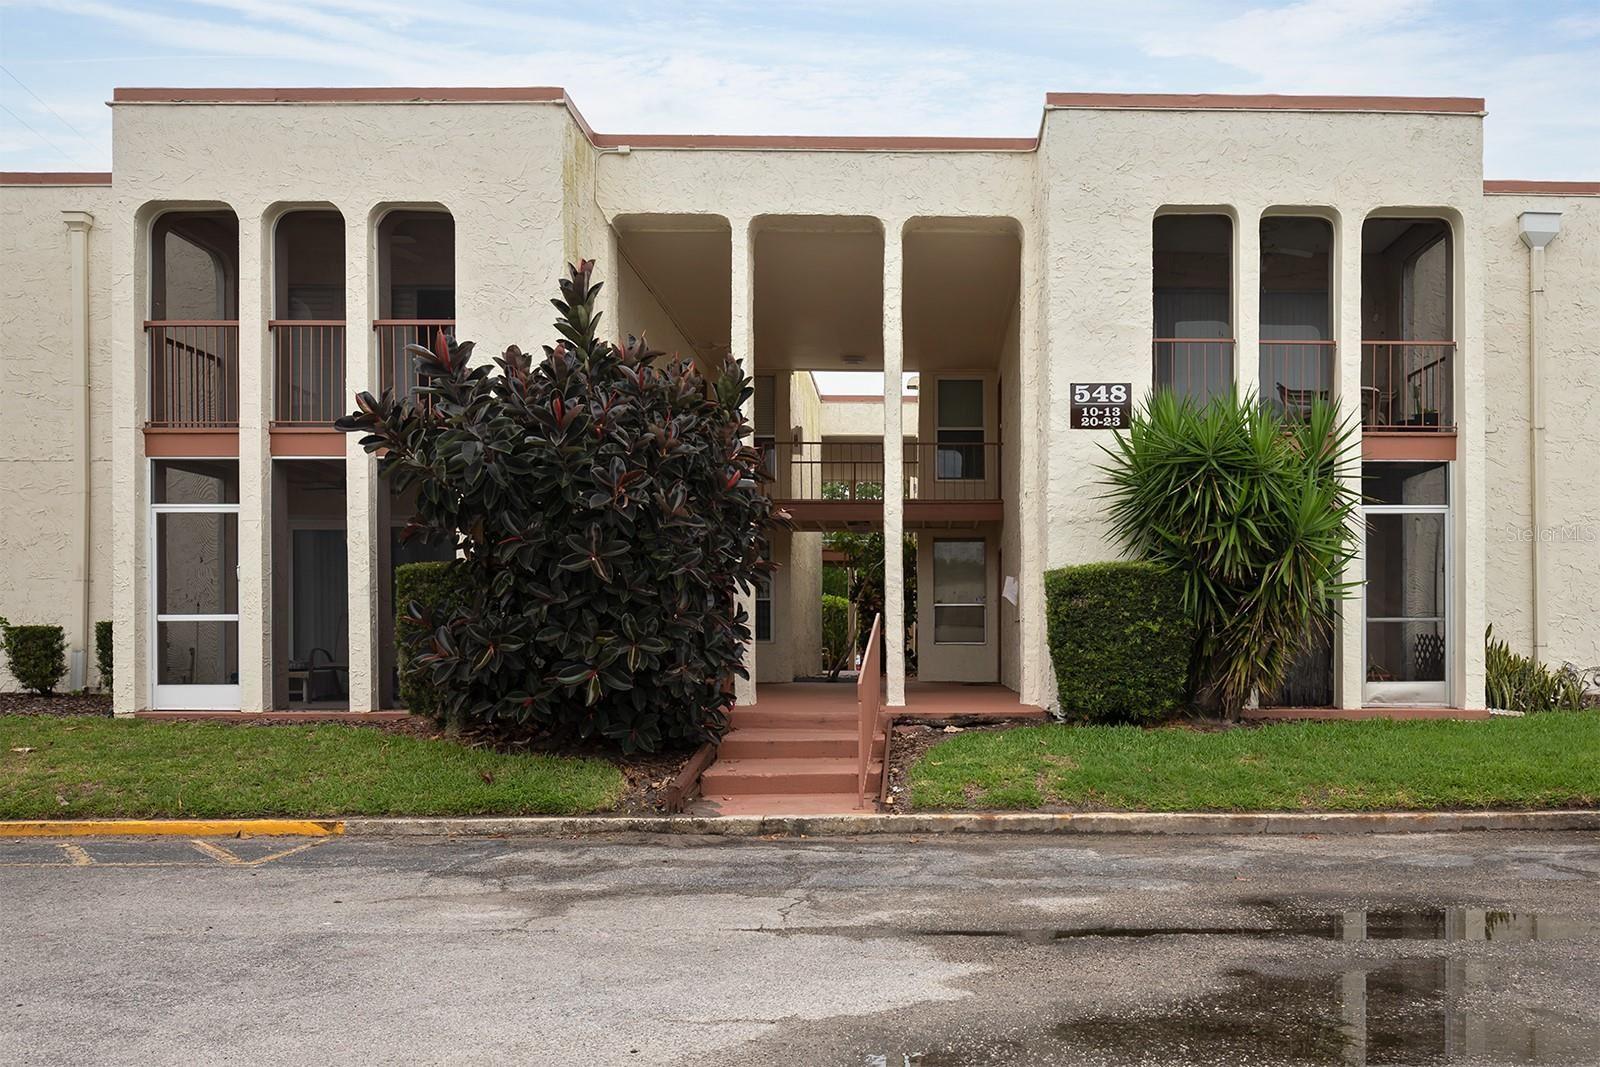 548 ORANGE DRIVE #20, Altamonte Springs, FL 32701 - #: O5953085